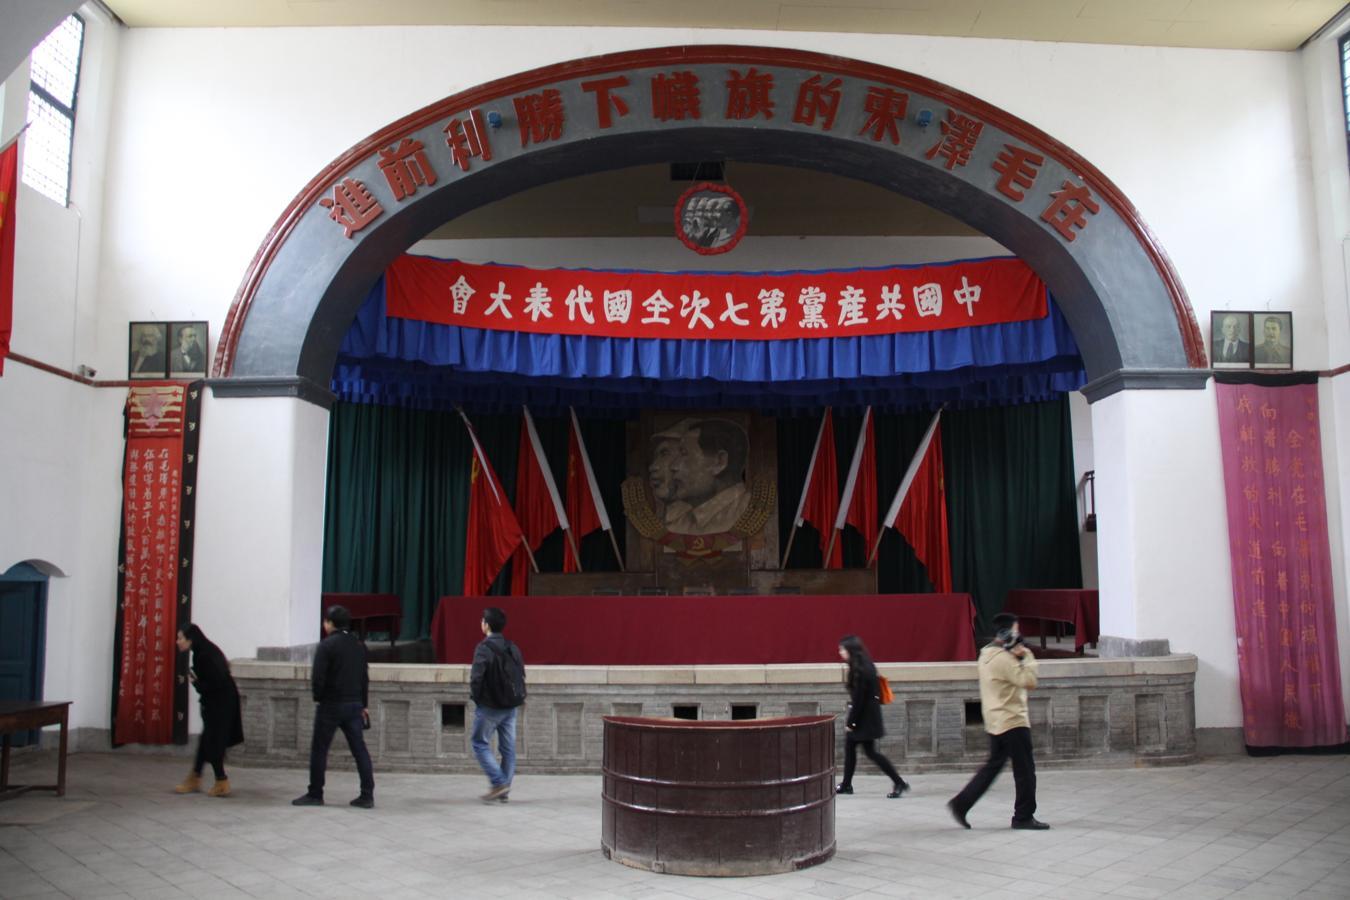 En el VII Congreso del Partido Comunista de China, celebrado en la base revolucionaria de Yan'an en 1945, Mao Zedong tomó el poder